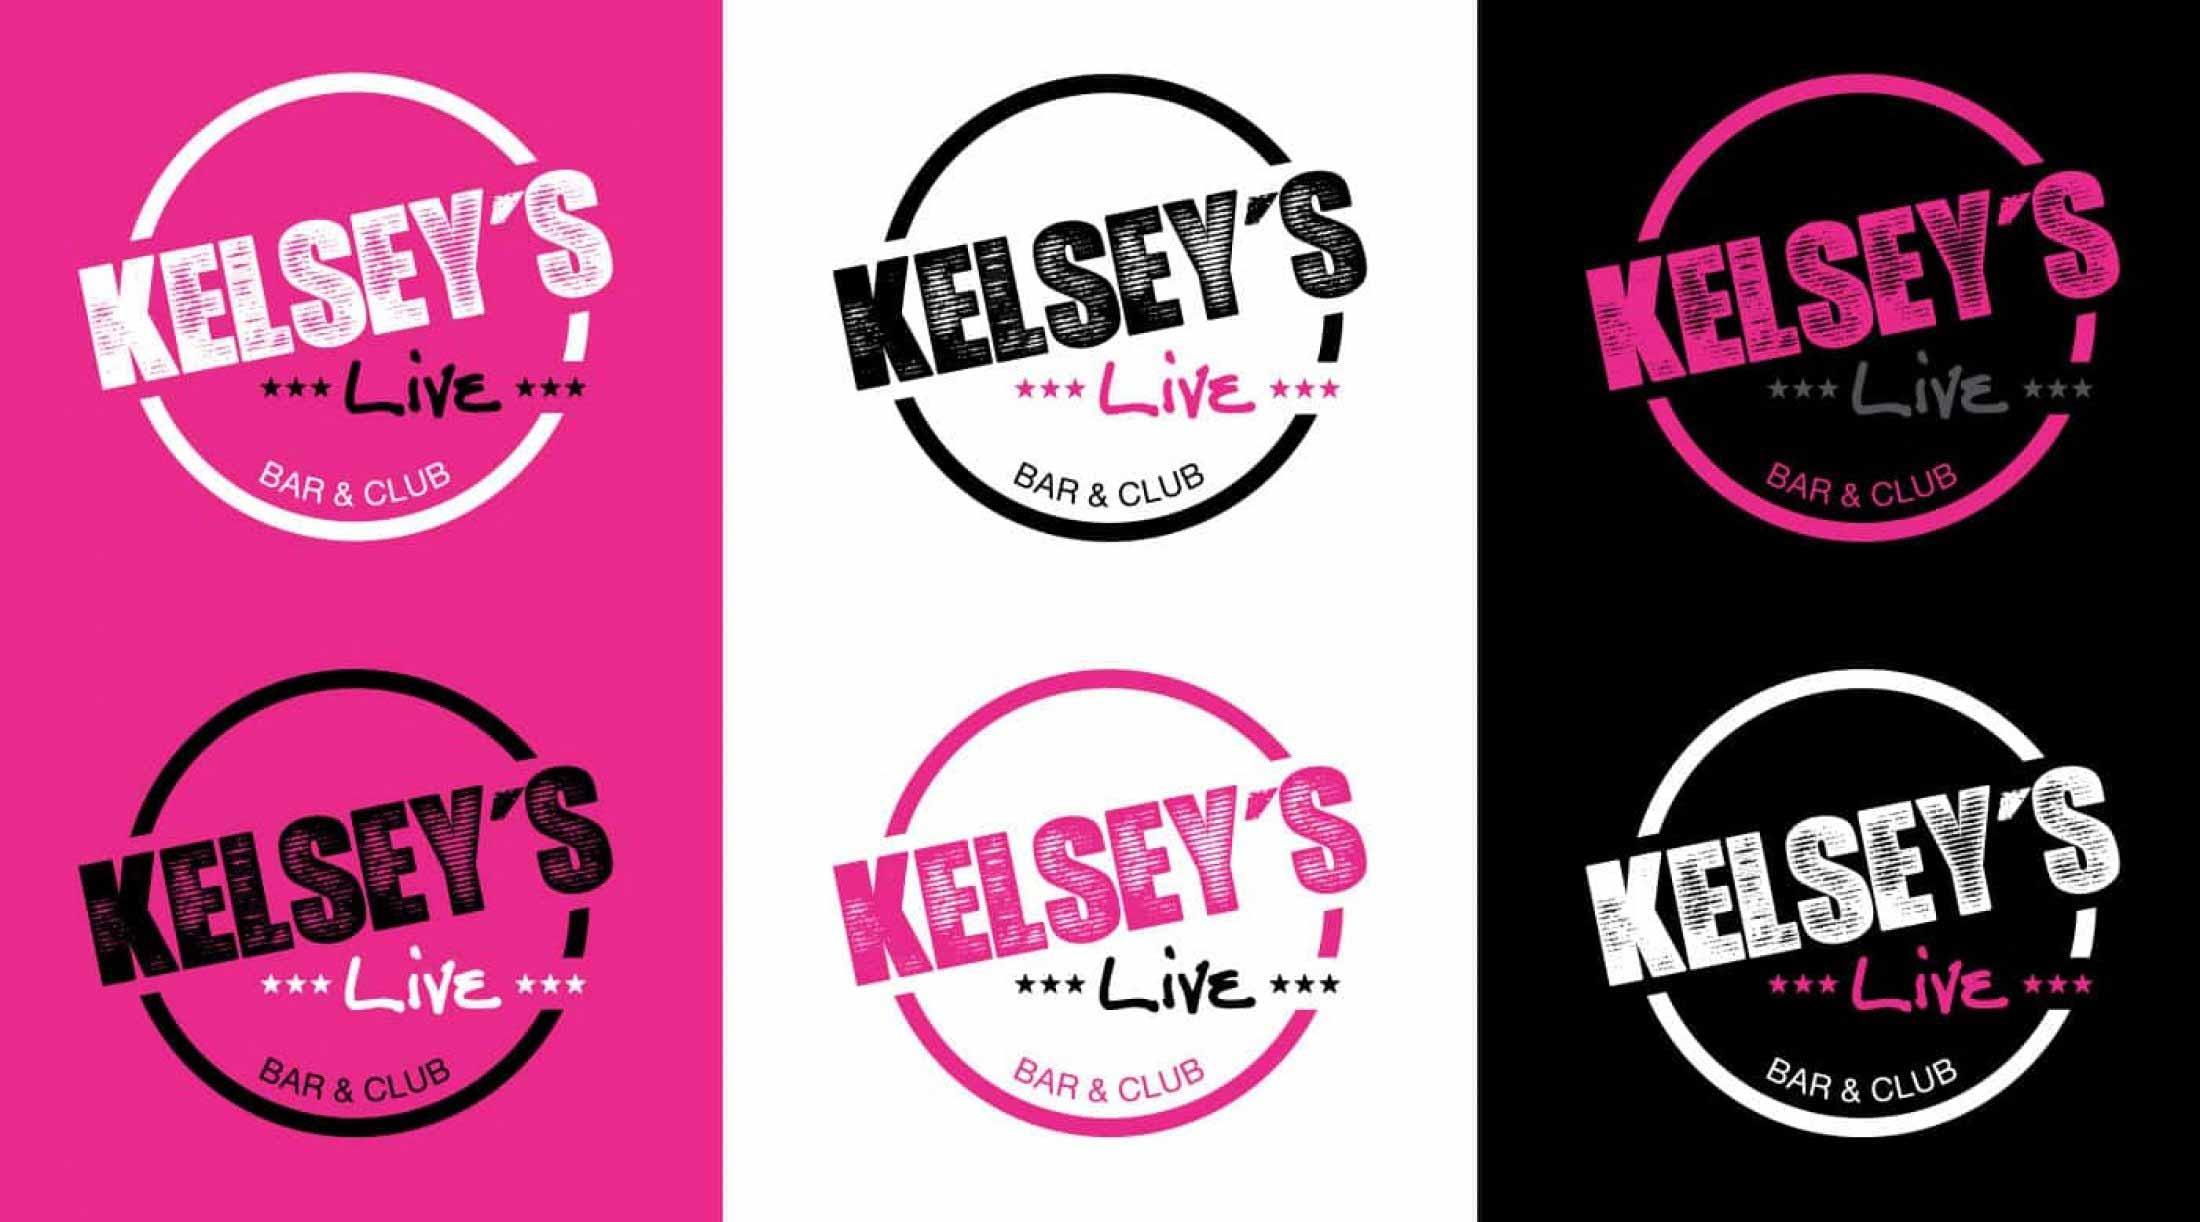 kelseys-logo-2